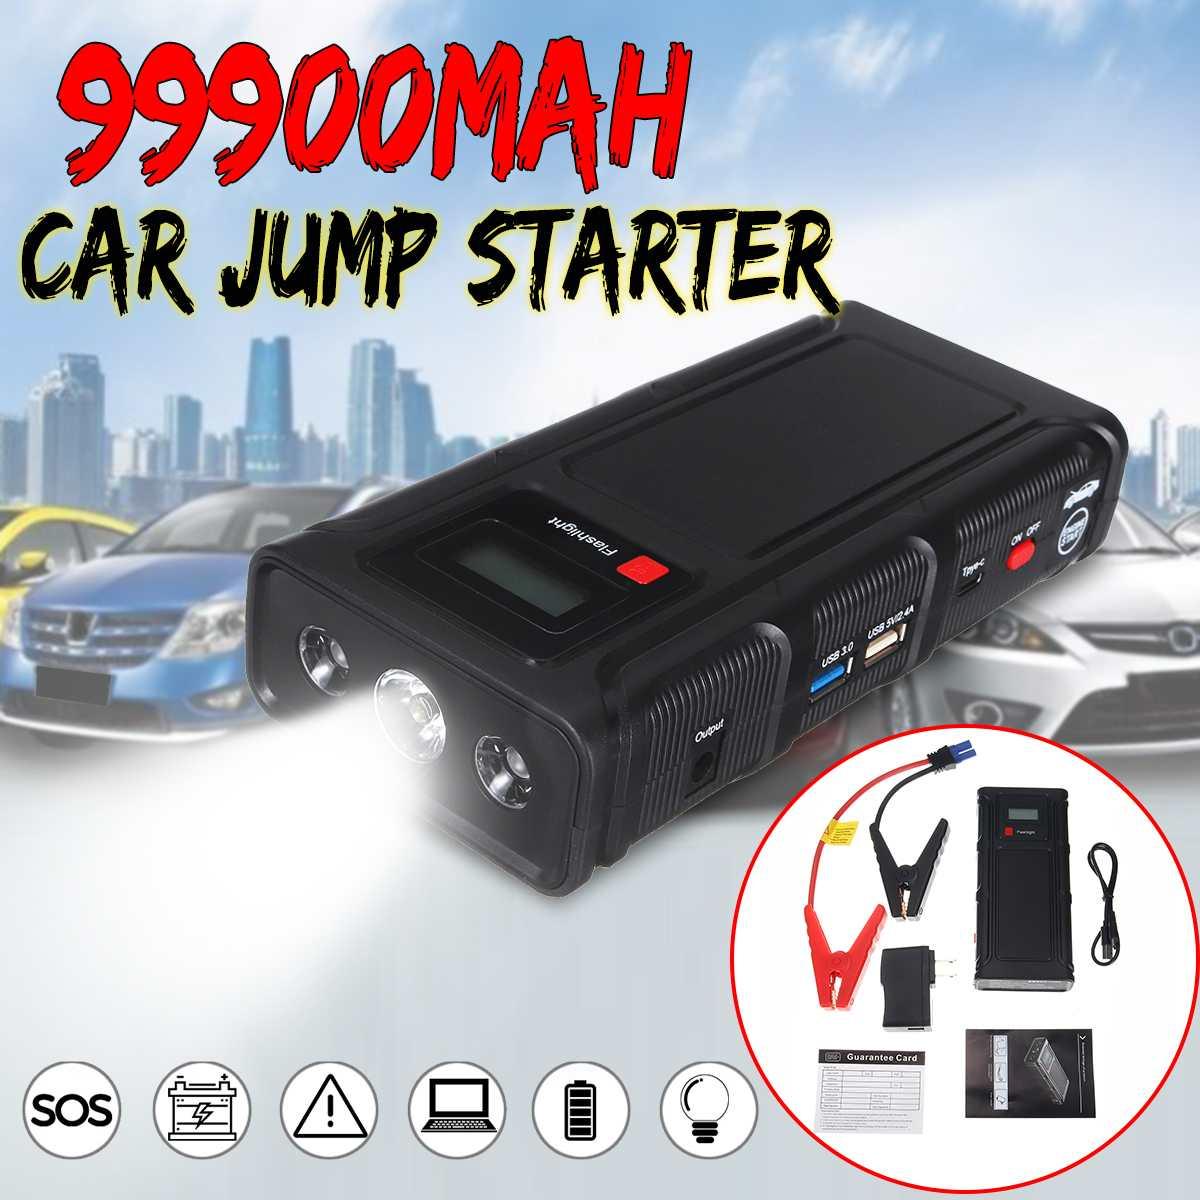 99900 мАч автомобильное пусковое устройство, Мощность банк Портативный автомобиля Батарея усилитель Зарядное устройство 12V пусковое устройс...